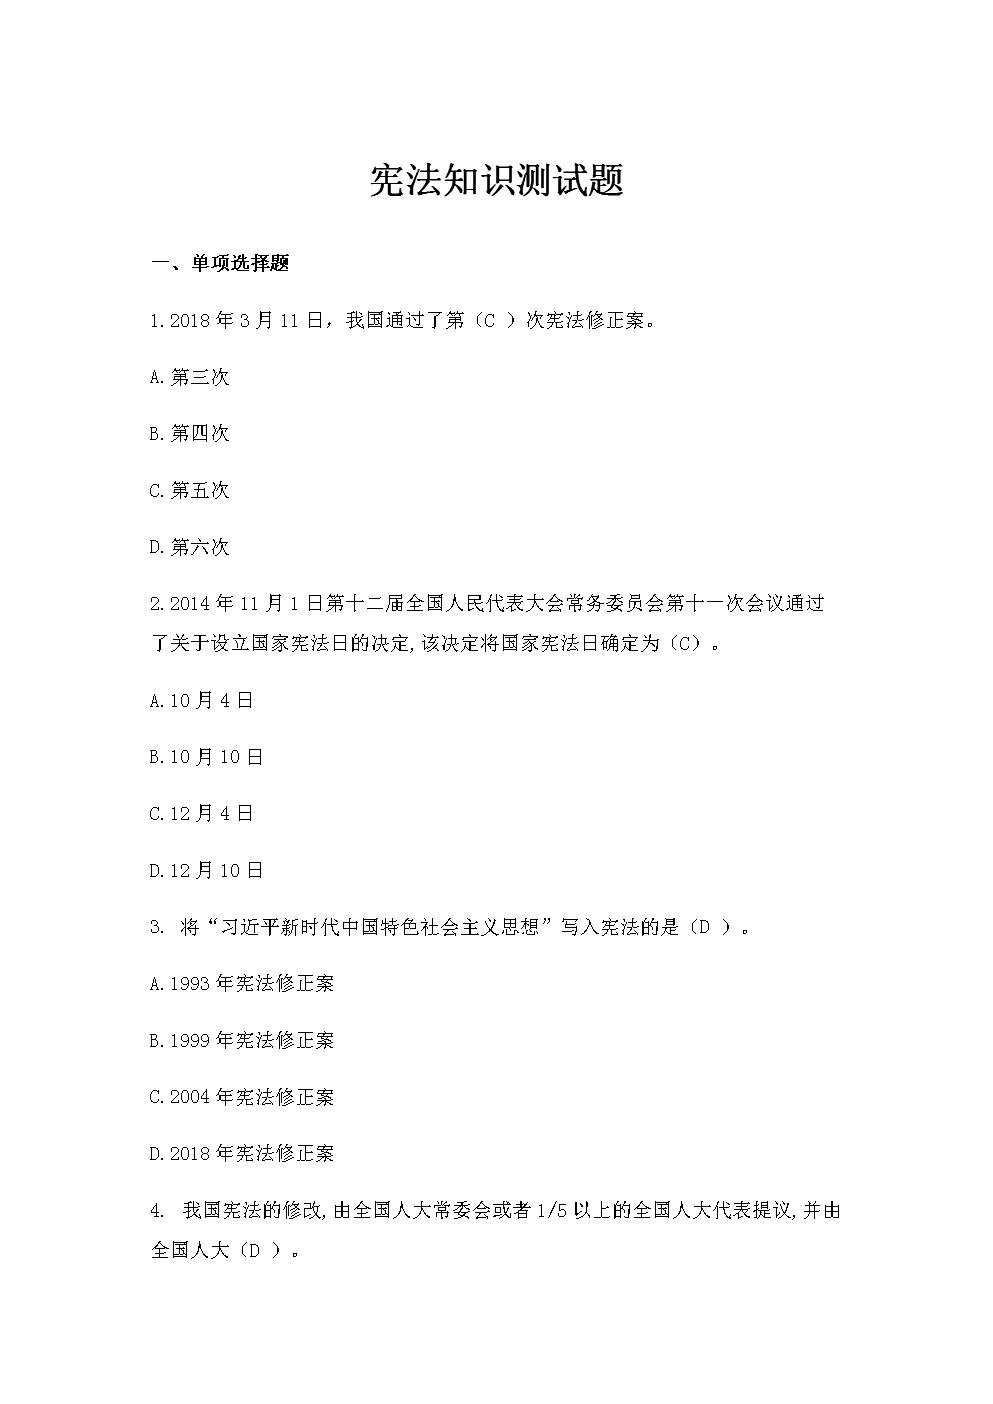 宪法知识检测试题及答案(2018年).docx